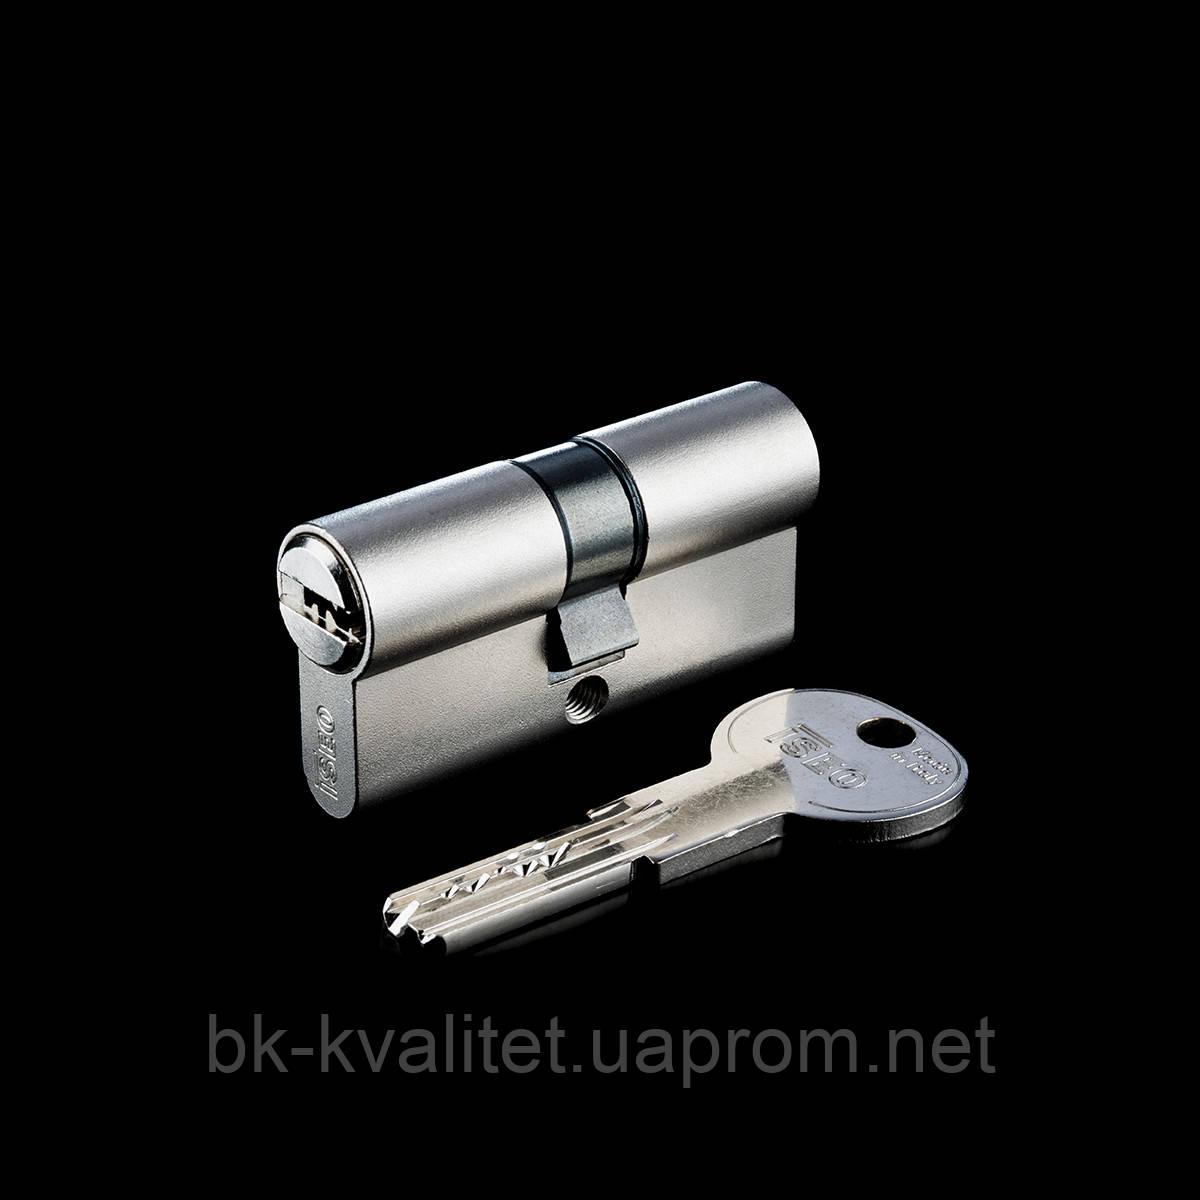 Цилиндр ISEO R6 100 (45х55) ключ/ключ, никель